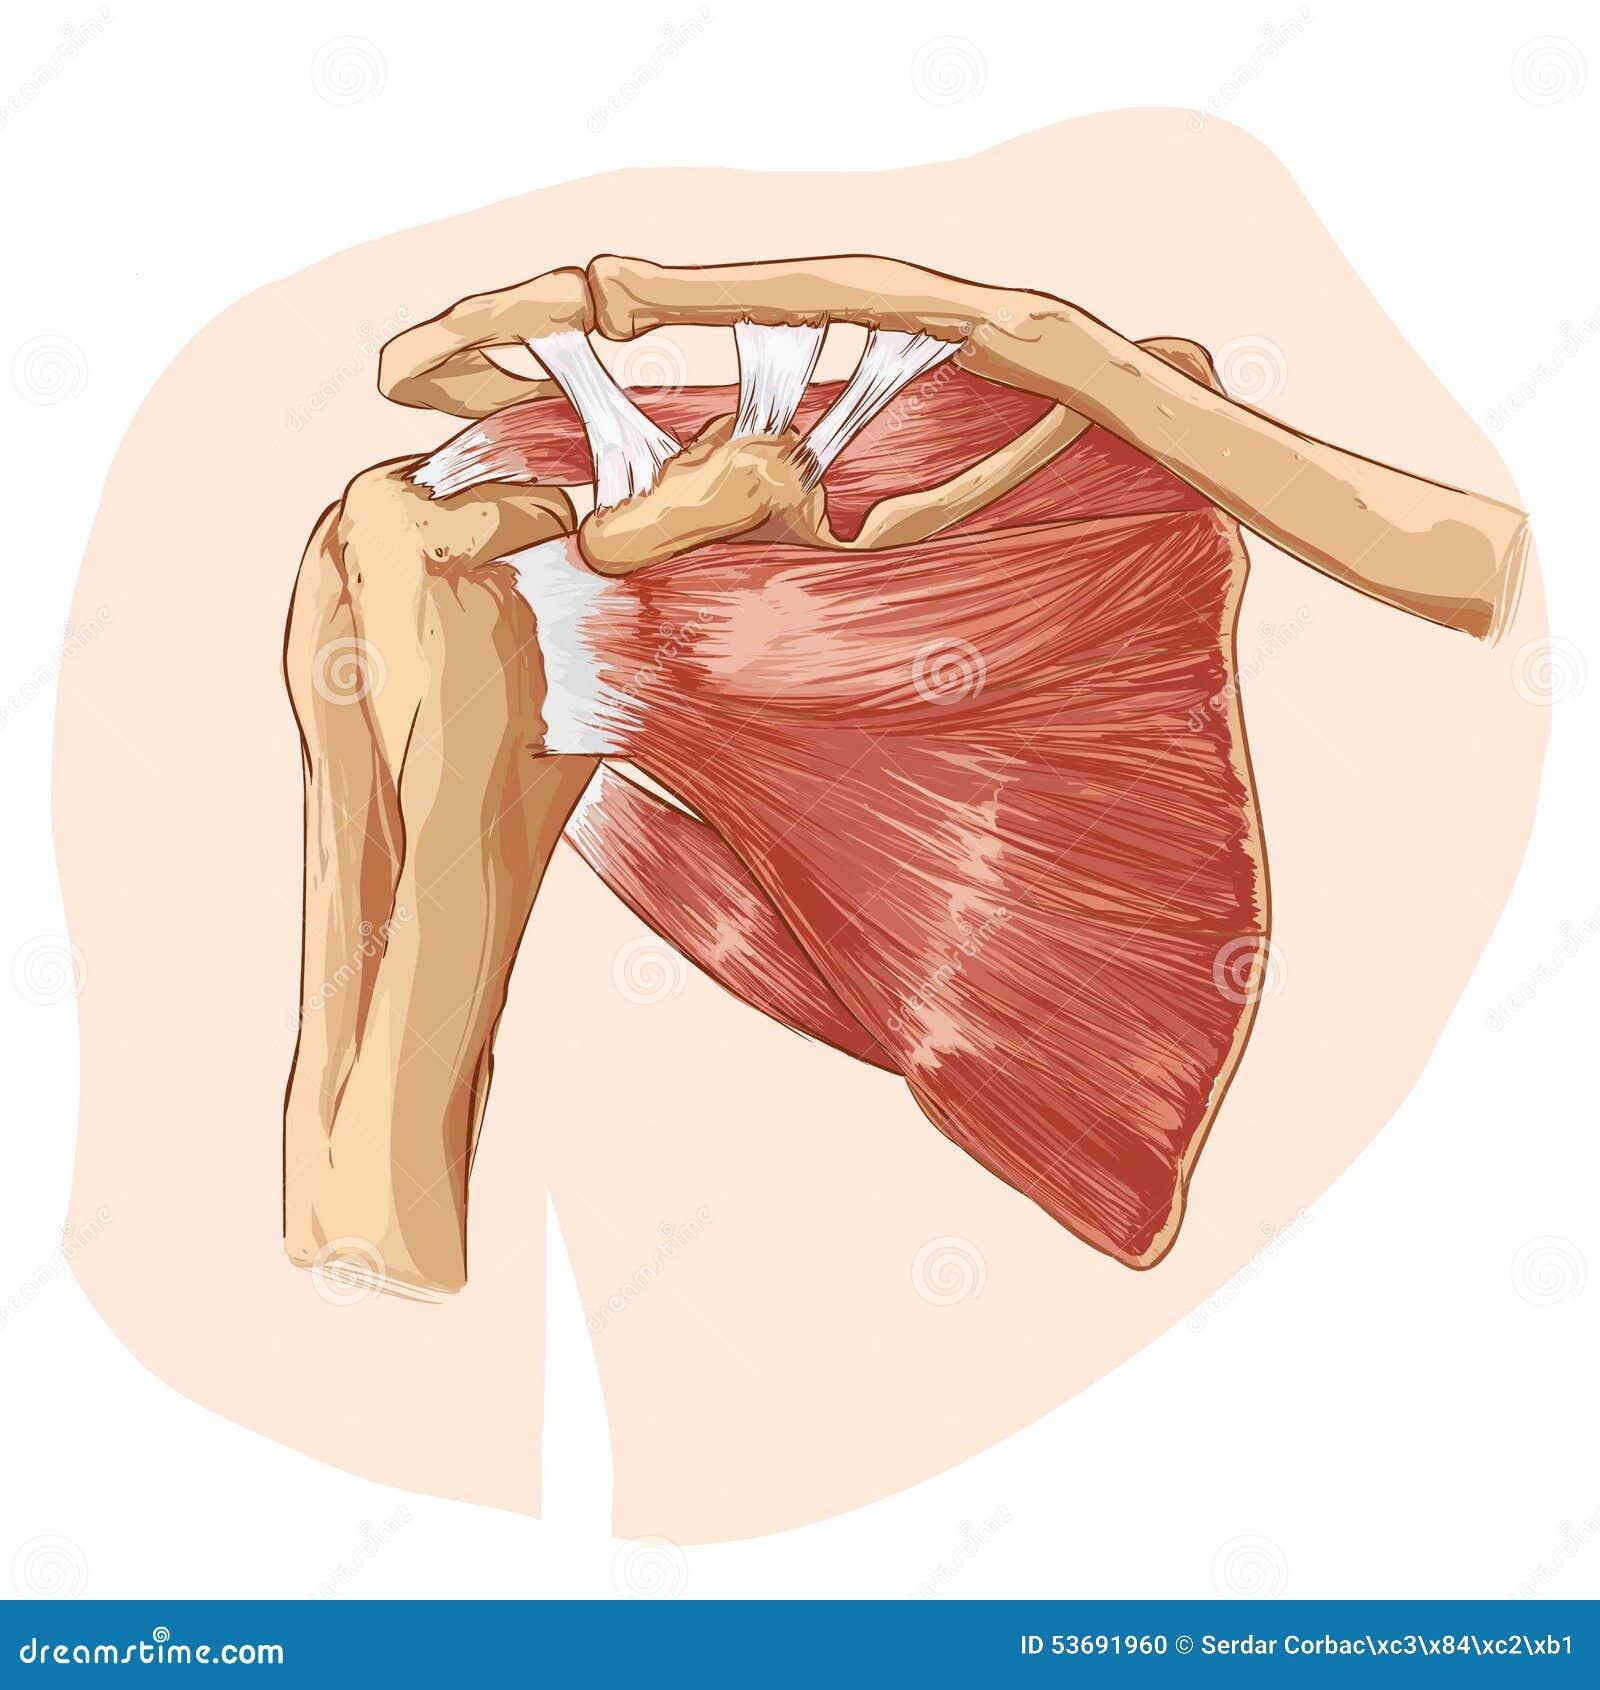 Fantastisch Menschliche Schulter Anatomie Bilder Zeitgenössisch ...